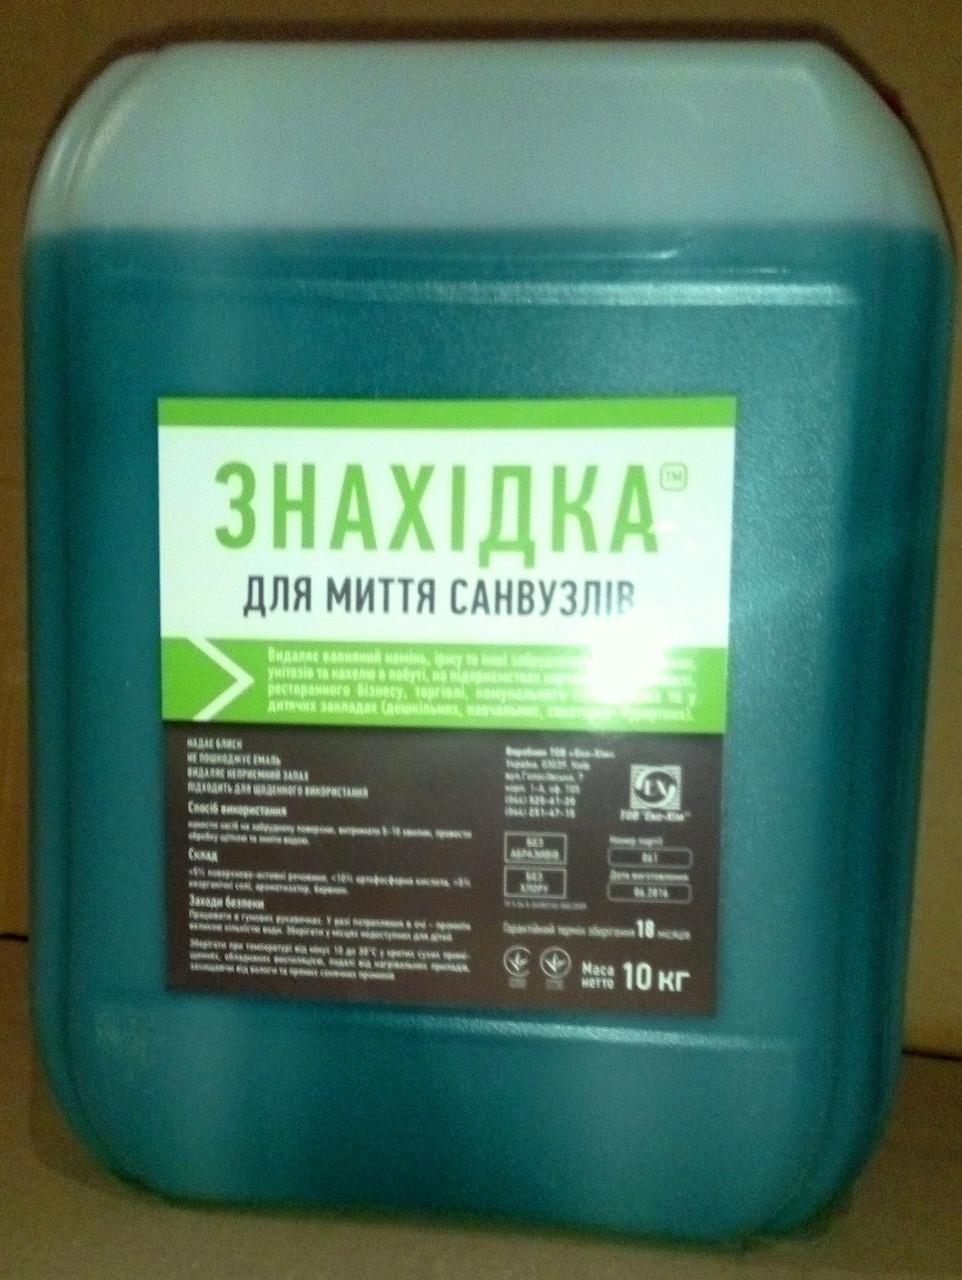 Моющее средство для сантехники (ванн, раковин, унитазов) без хлора 5кг